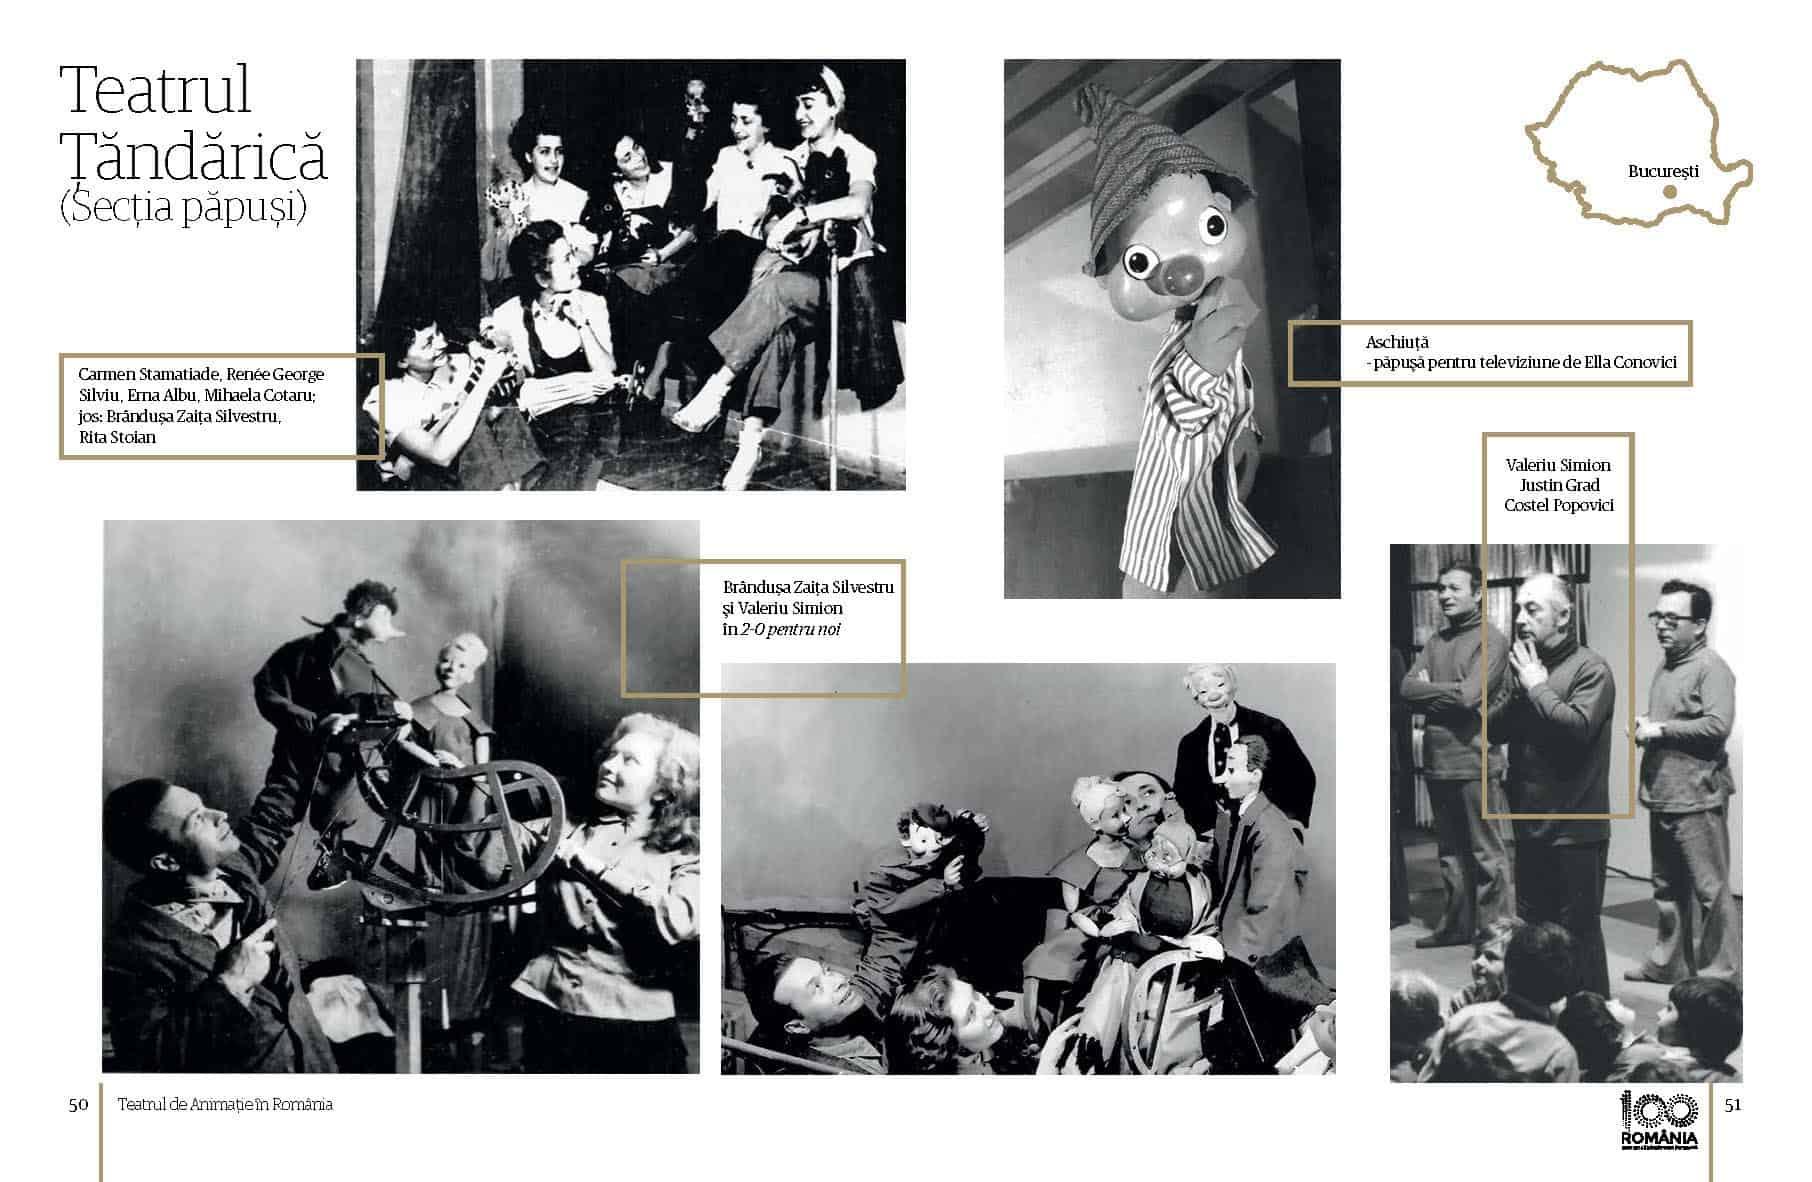 Album Teatrul de Animatie in Romania final preview fata in fata Page 26